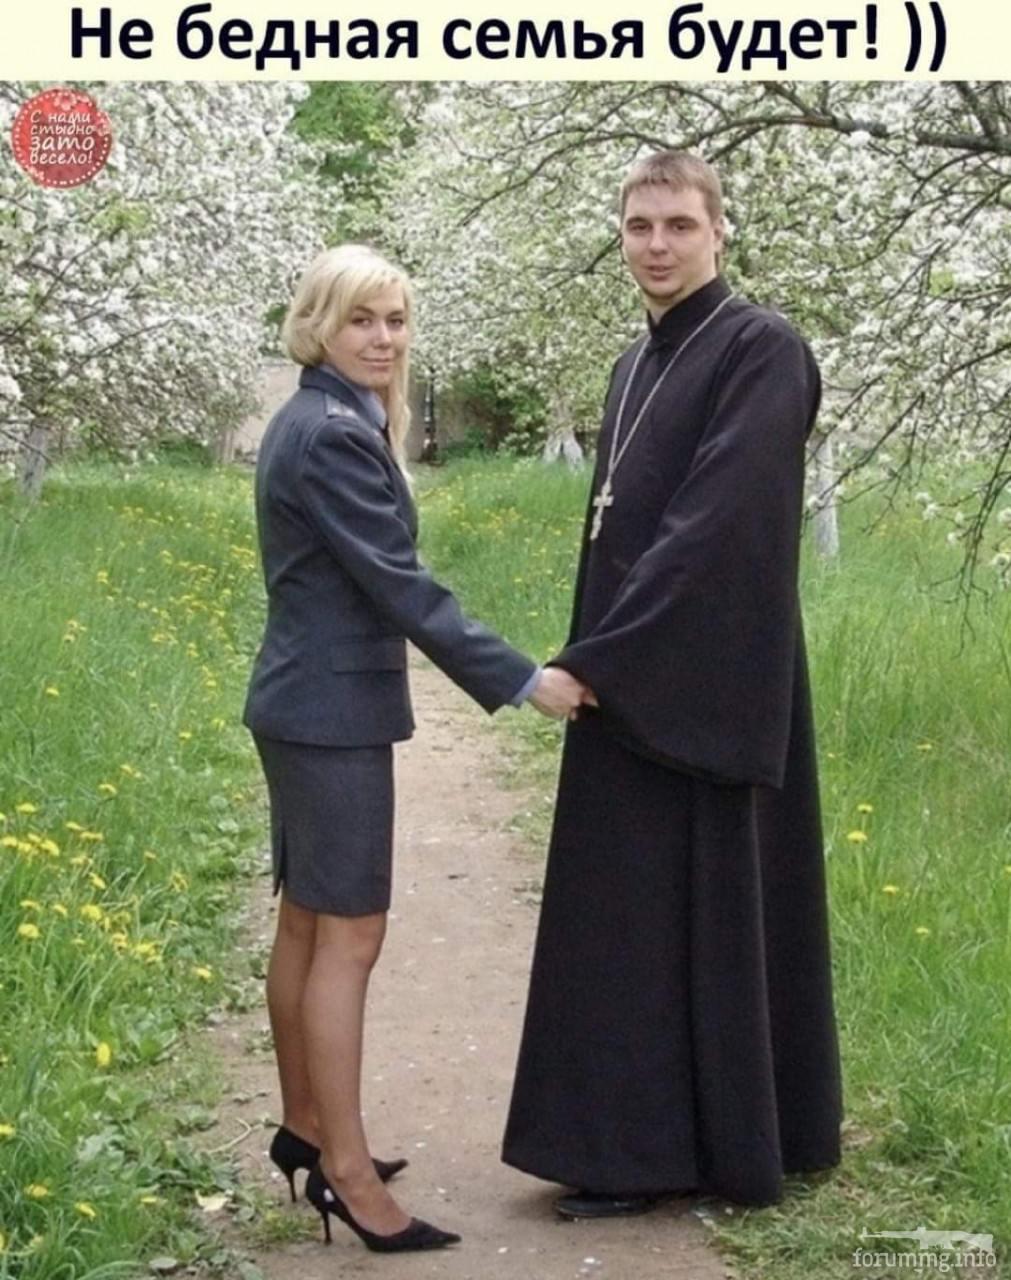 125980 - Отношения между мужем и женой.